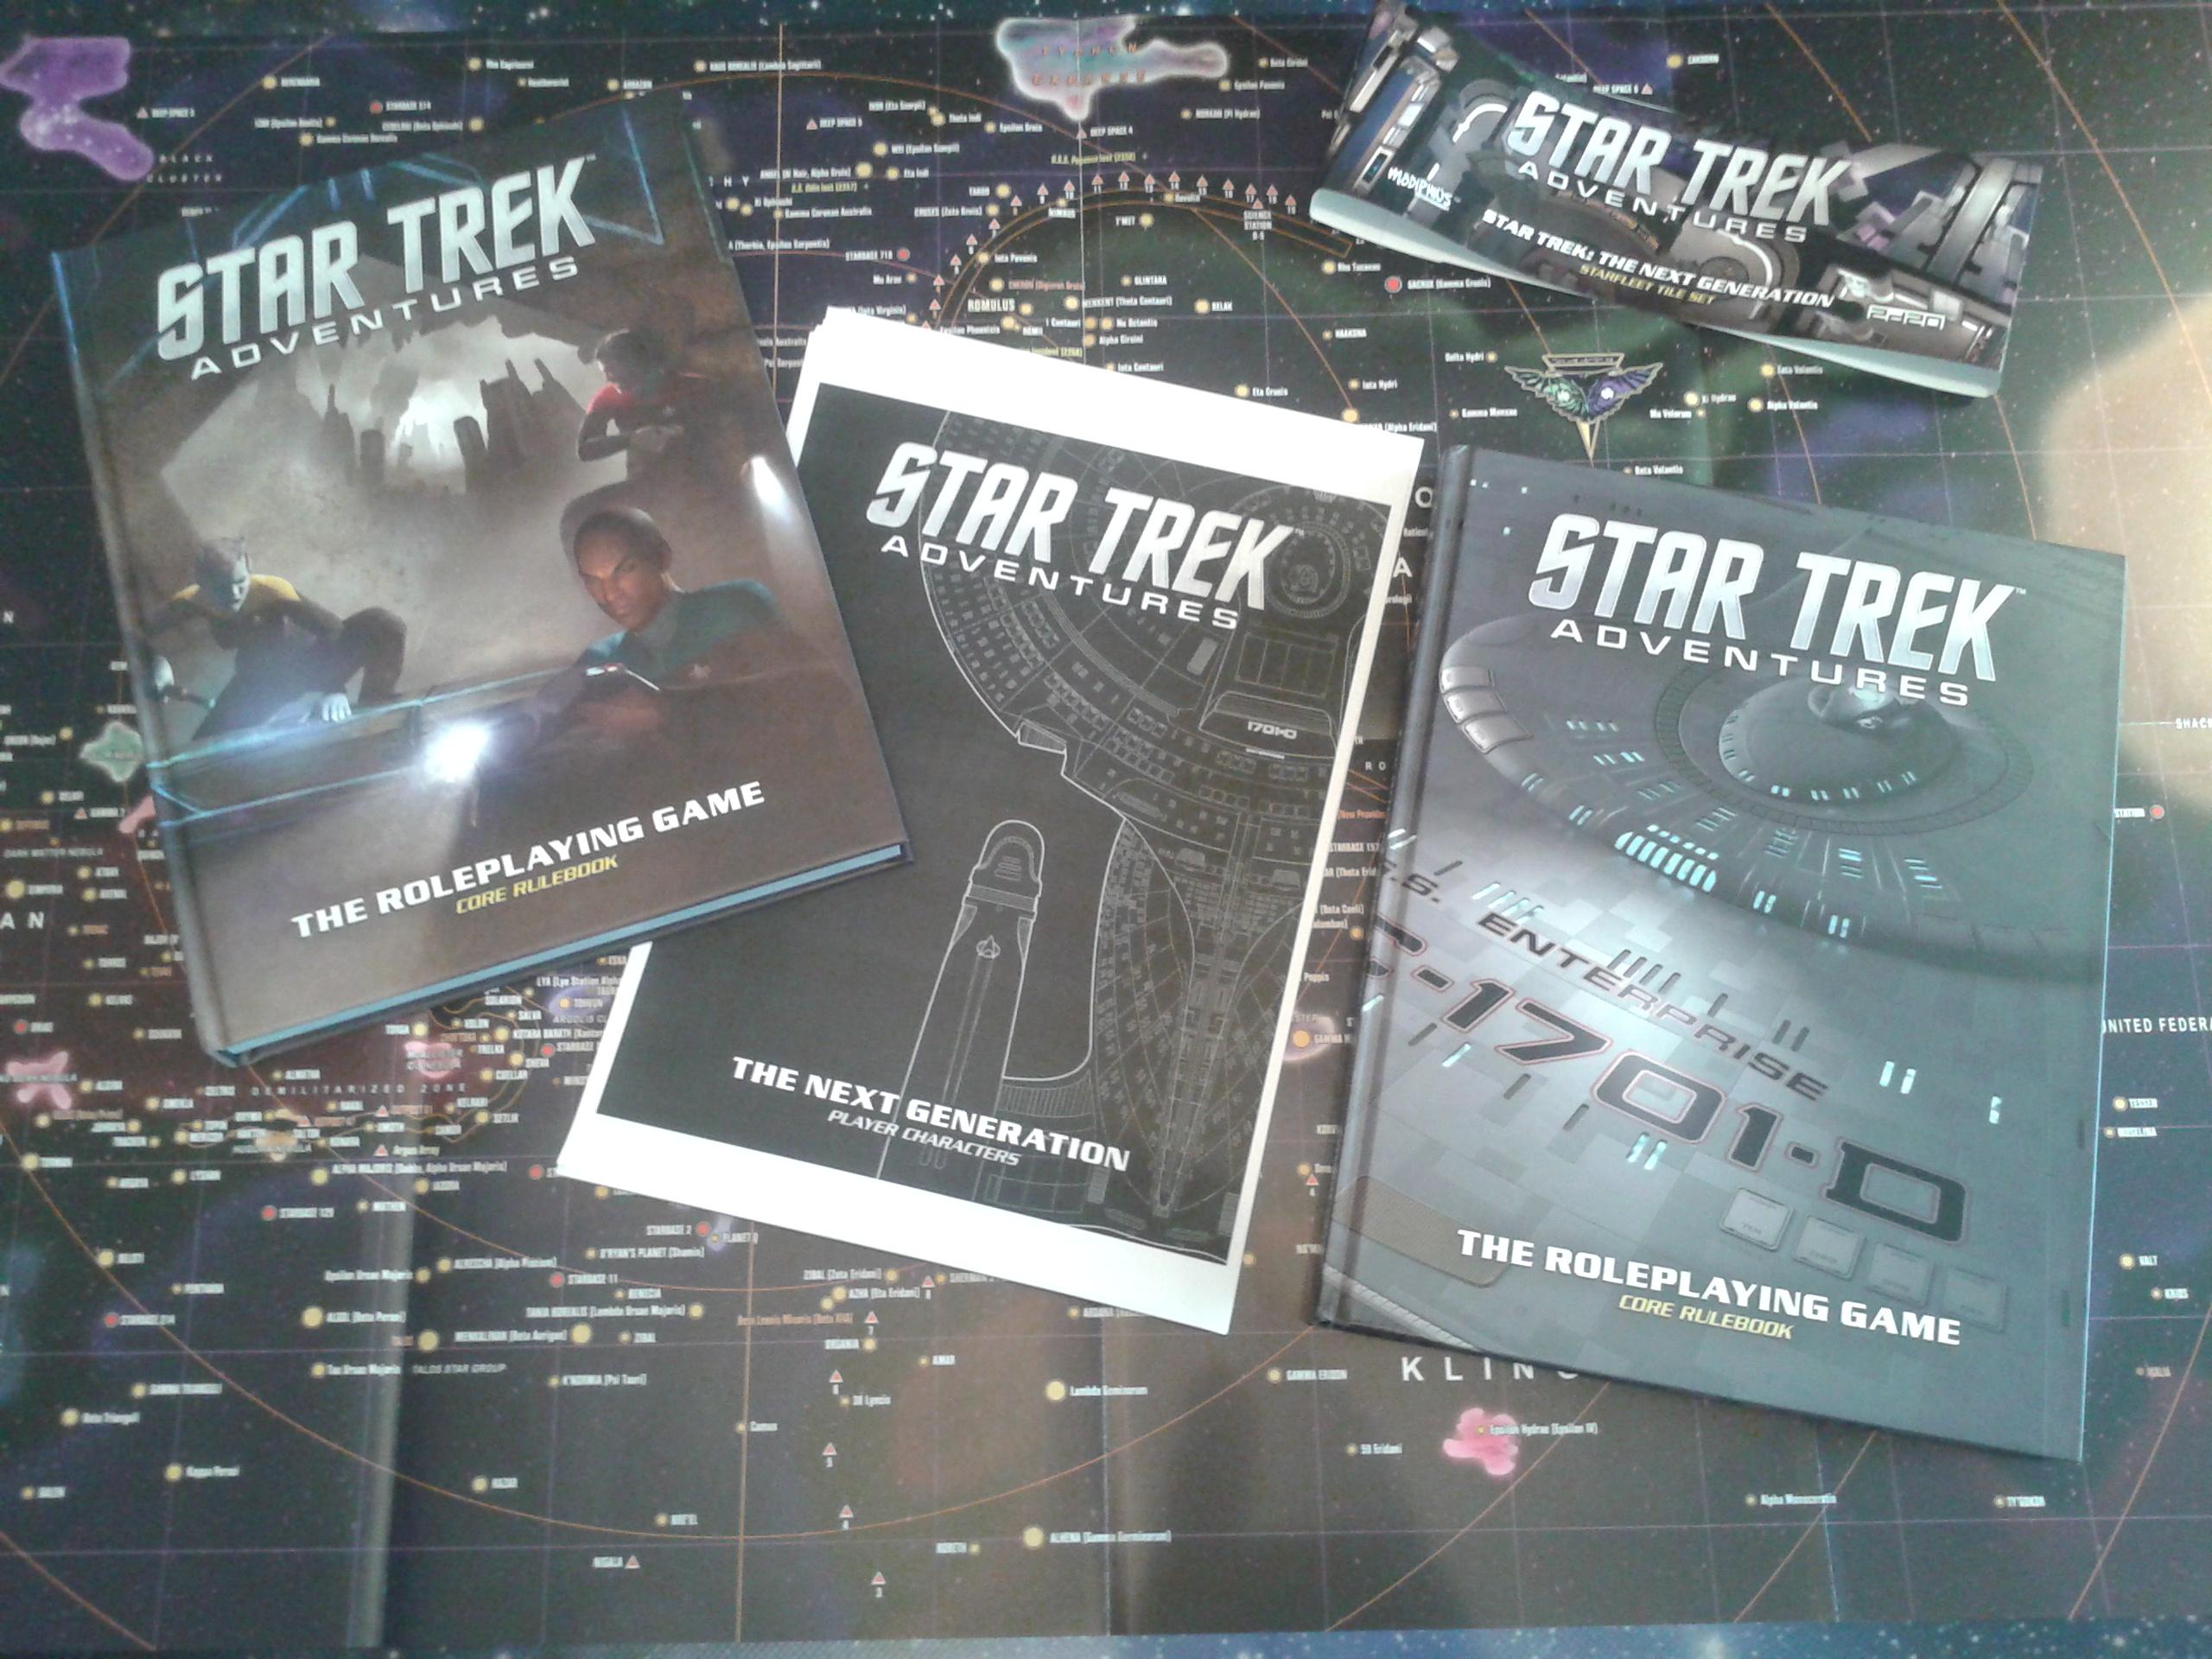 Neue Star Trek Artikel auf Weiterspielen.net 20180308_130012